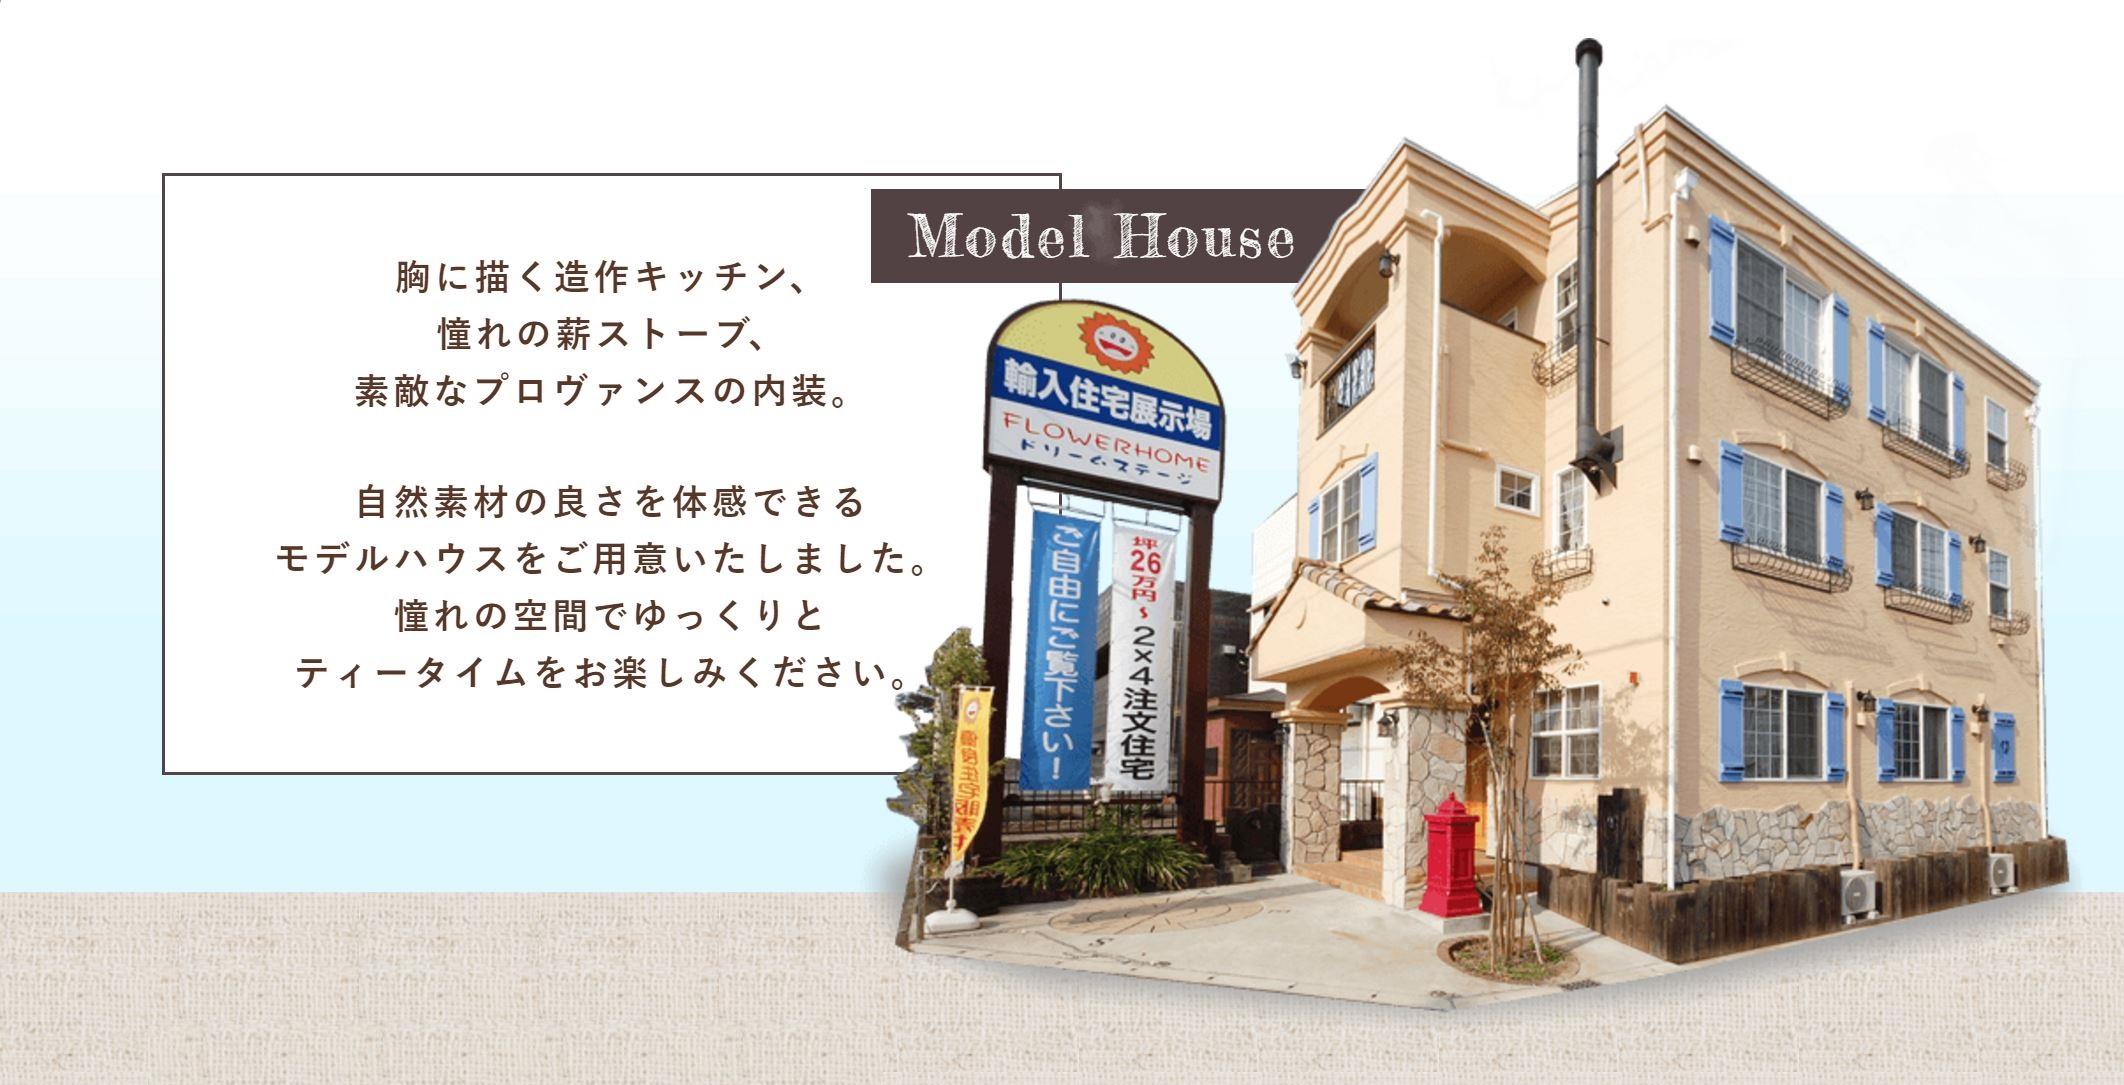 モデルハウス オープン中